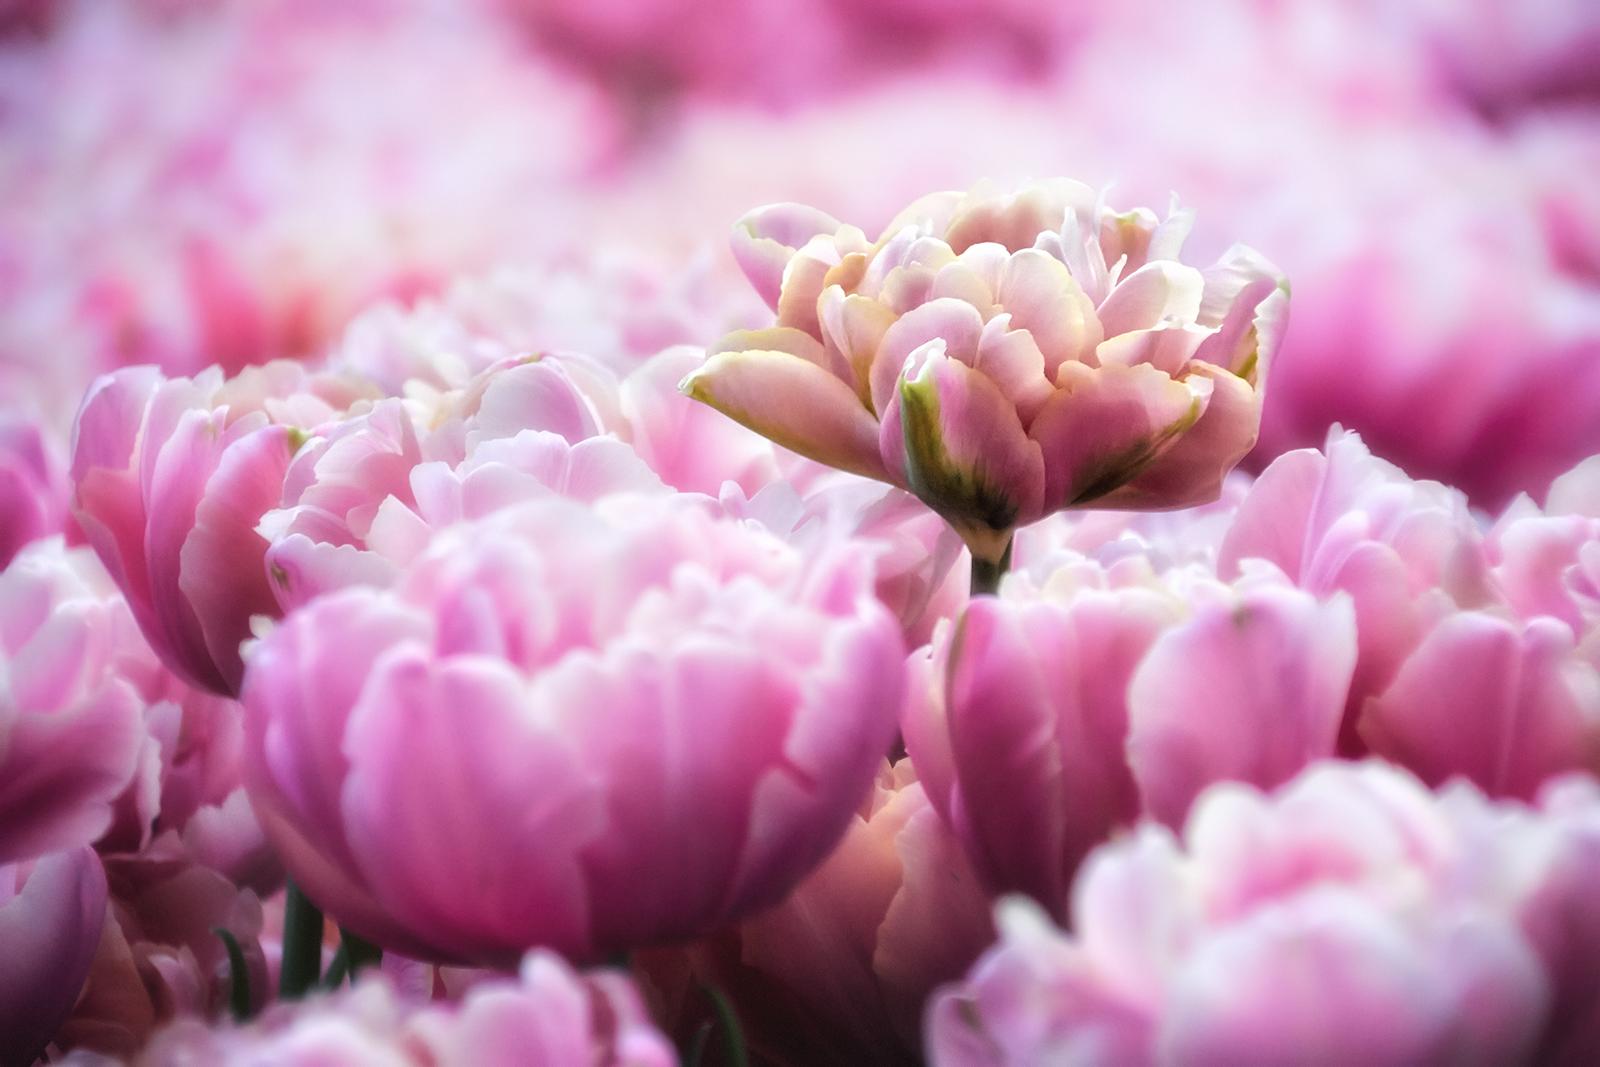 Closeup of Pink Tulips